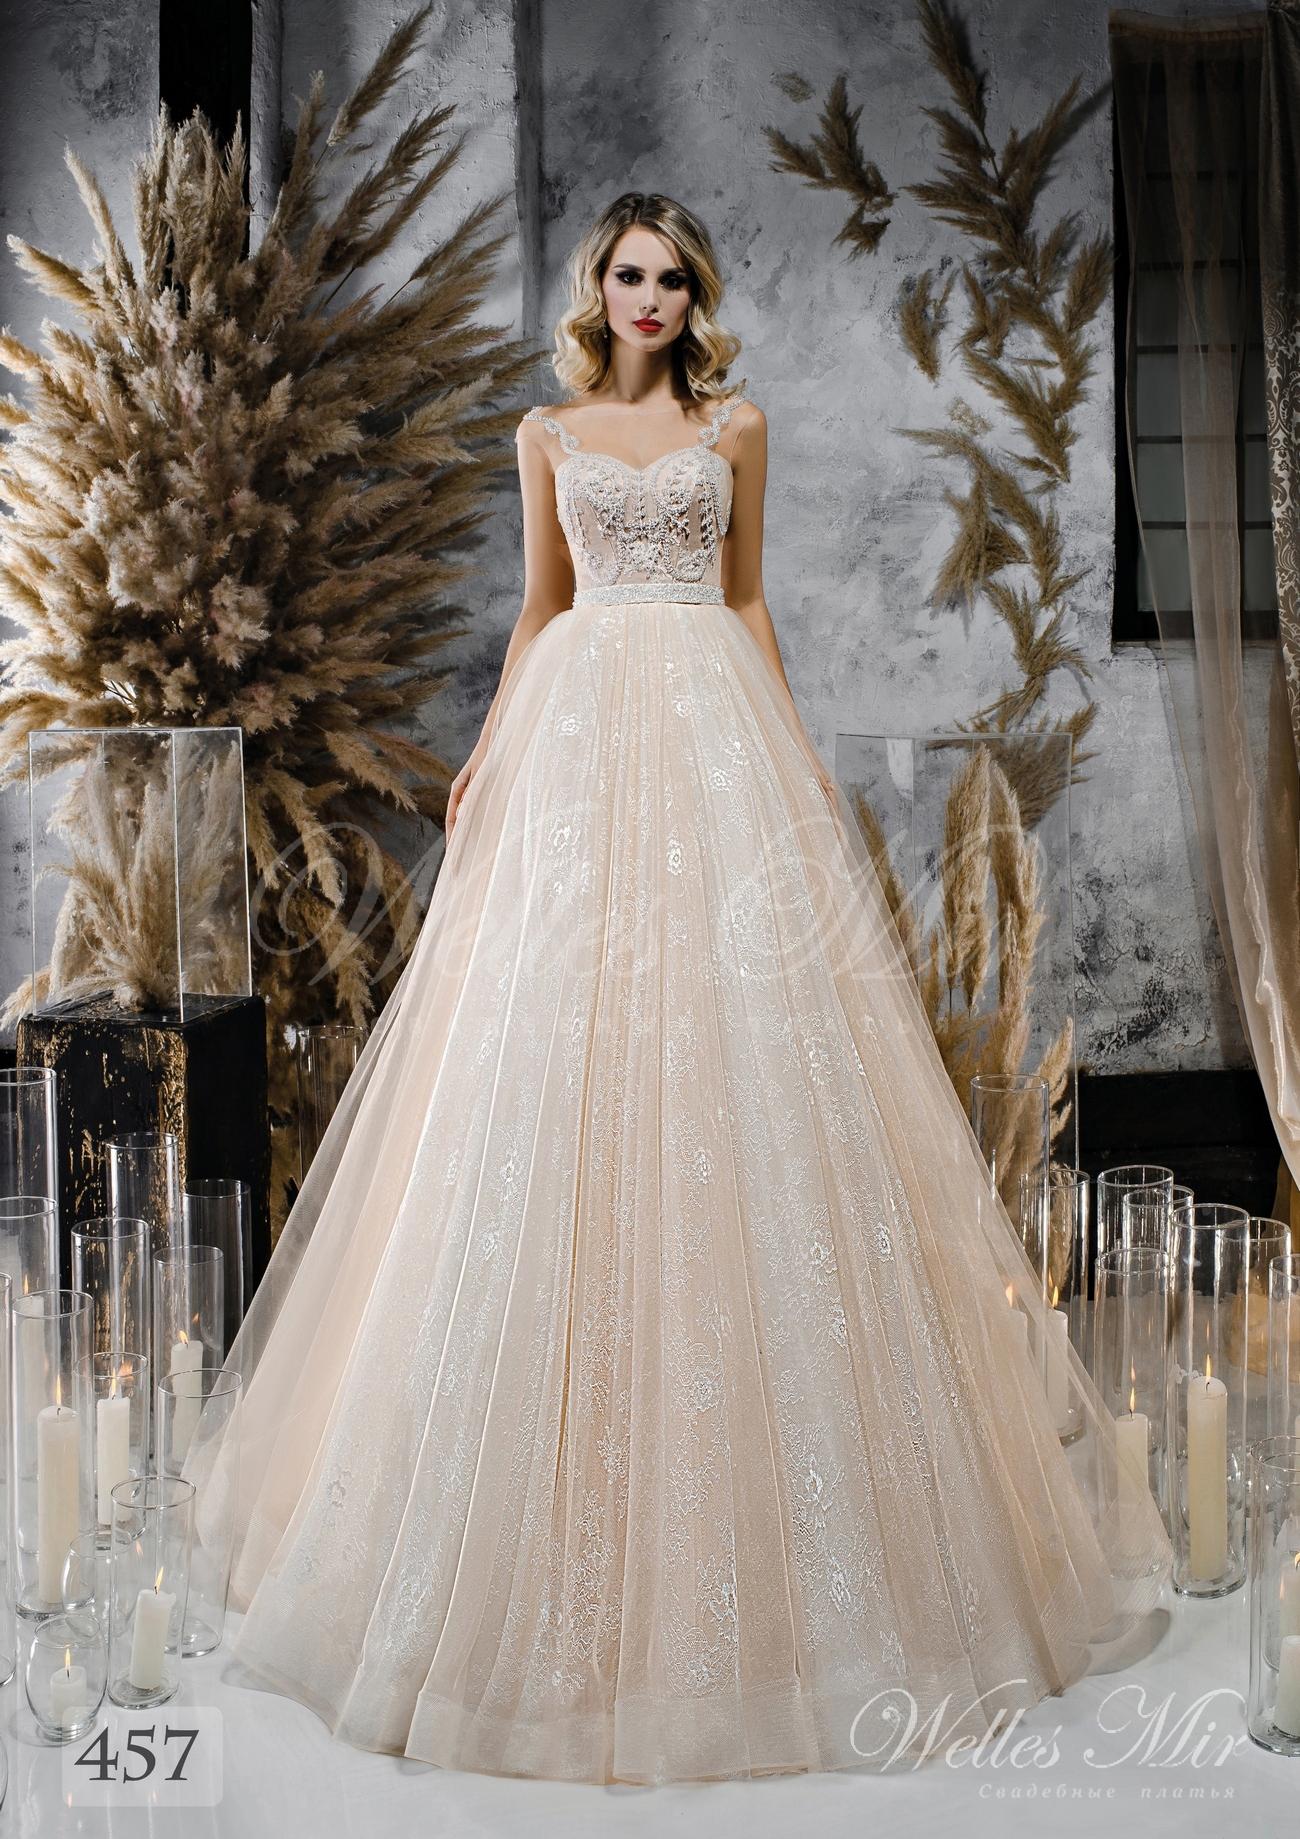 Весільна сукня відтінку капучіно від WellesMir